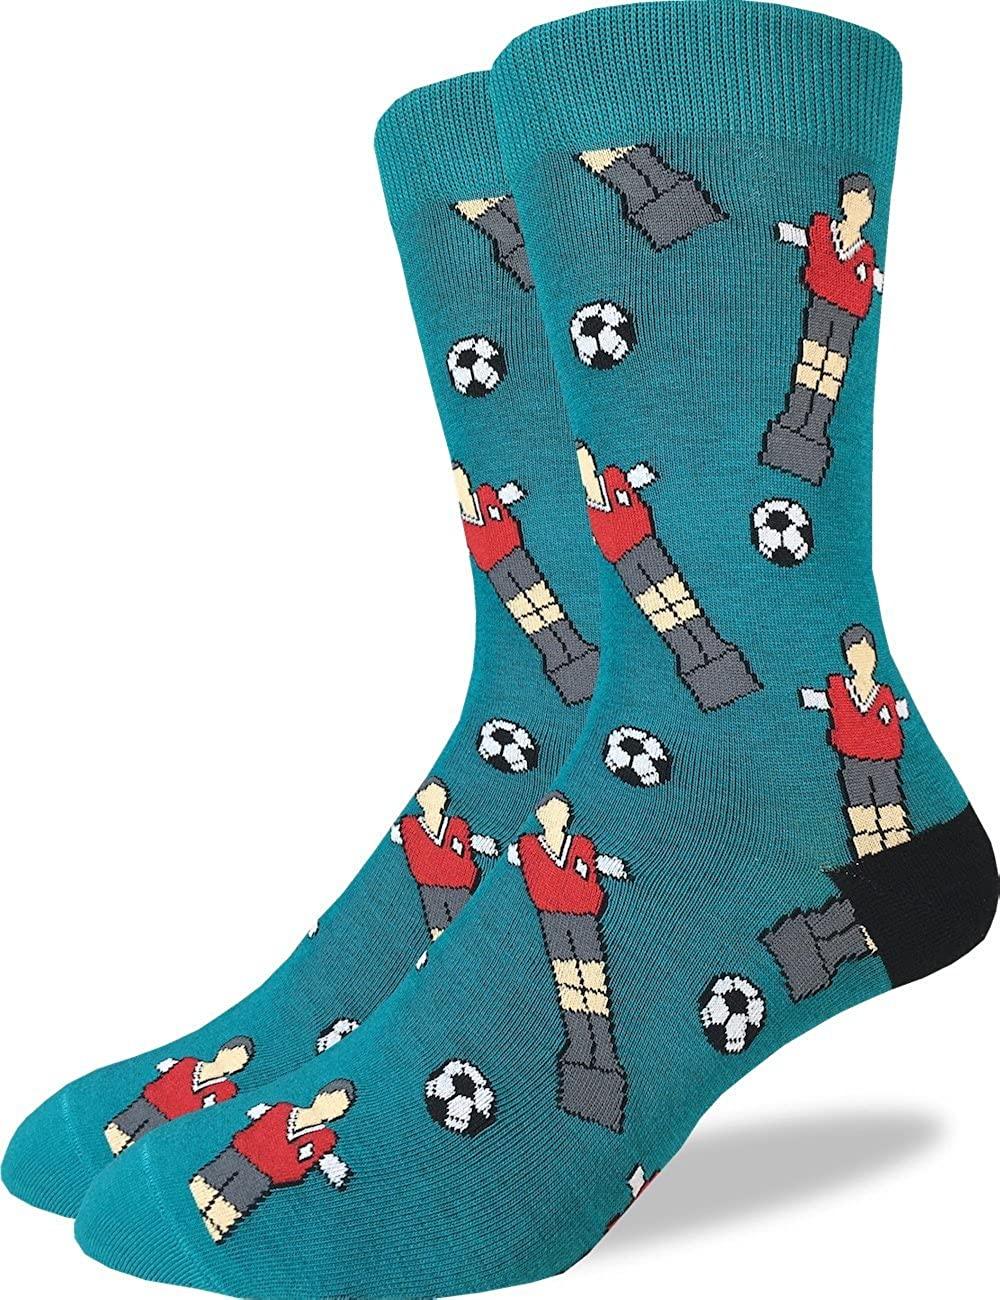 Good Luck Sock Men's Soccer Foosball Crew Socks - Green, Adult Shoe Size 7-12